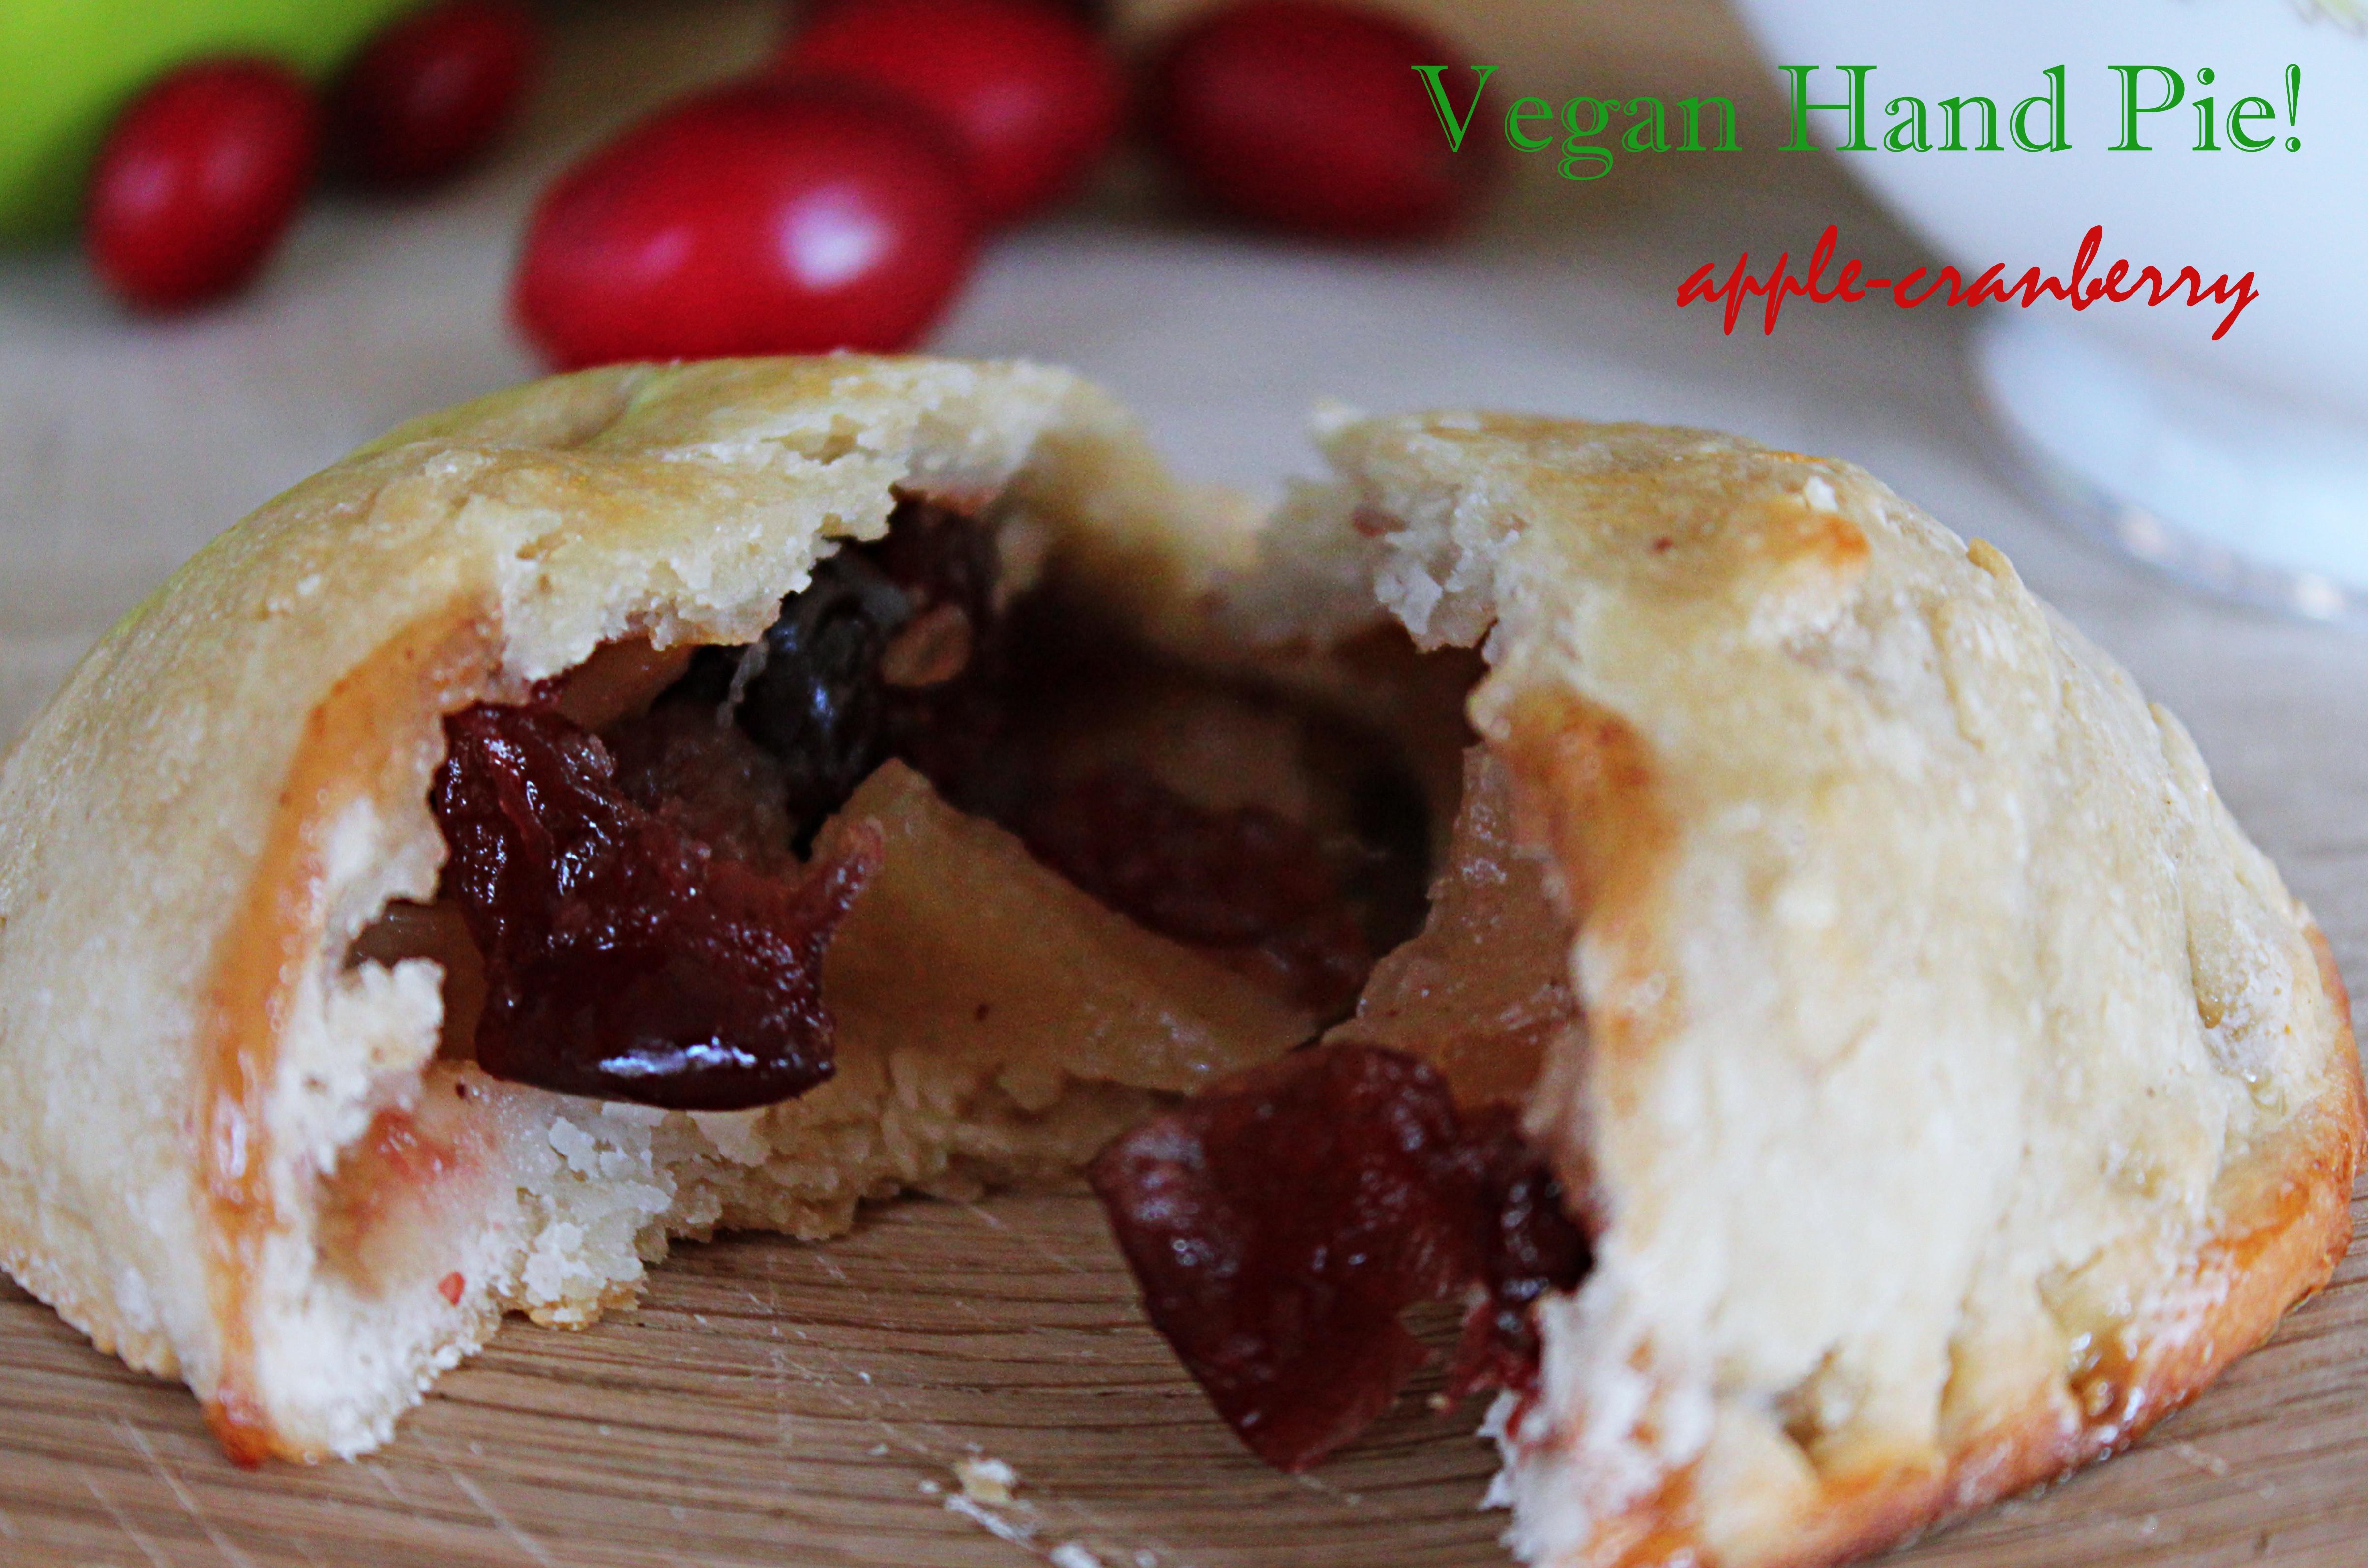 Vegan Shepherd'S Pie  Vegan Hand Pies Oil Free and Delicious Believeinvegan